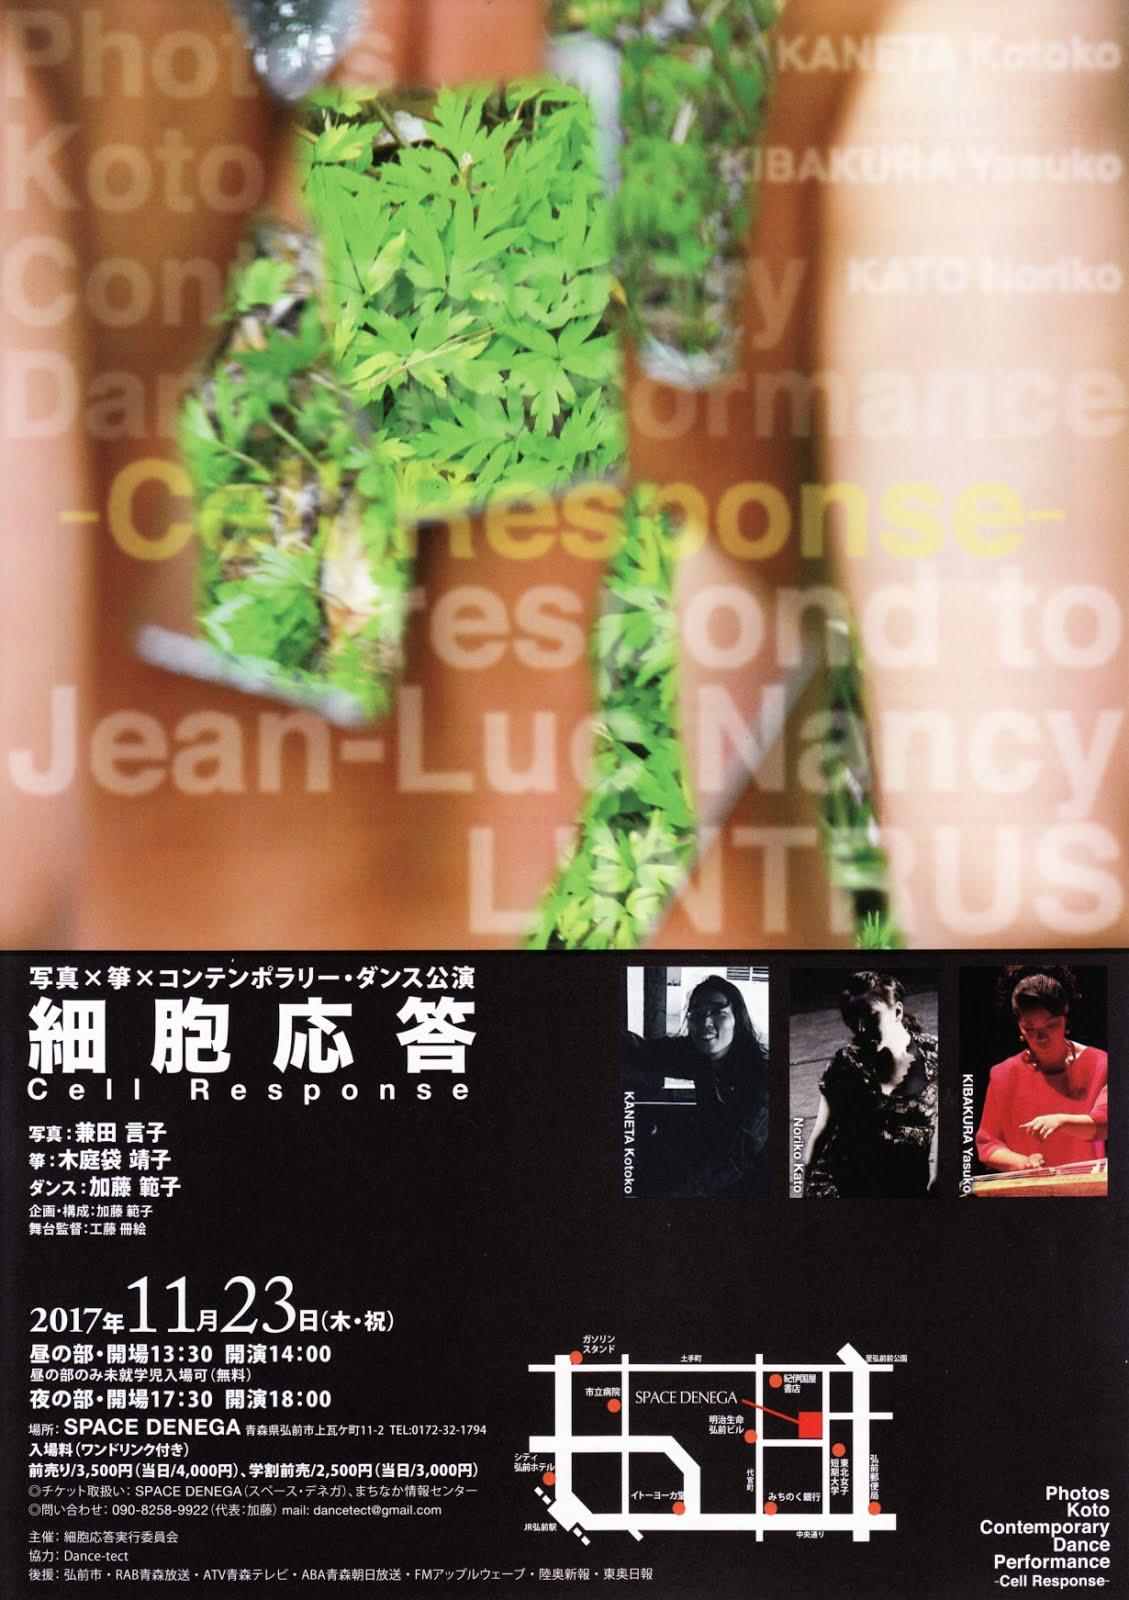 写真×箏×コンテンポラリー・ダンス公演「細胞応答」